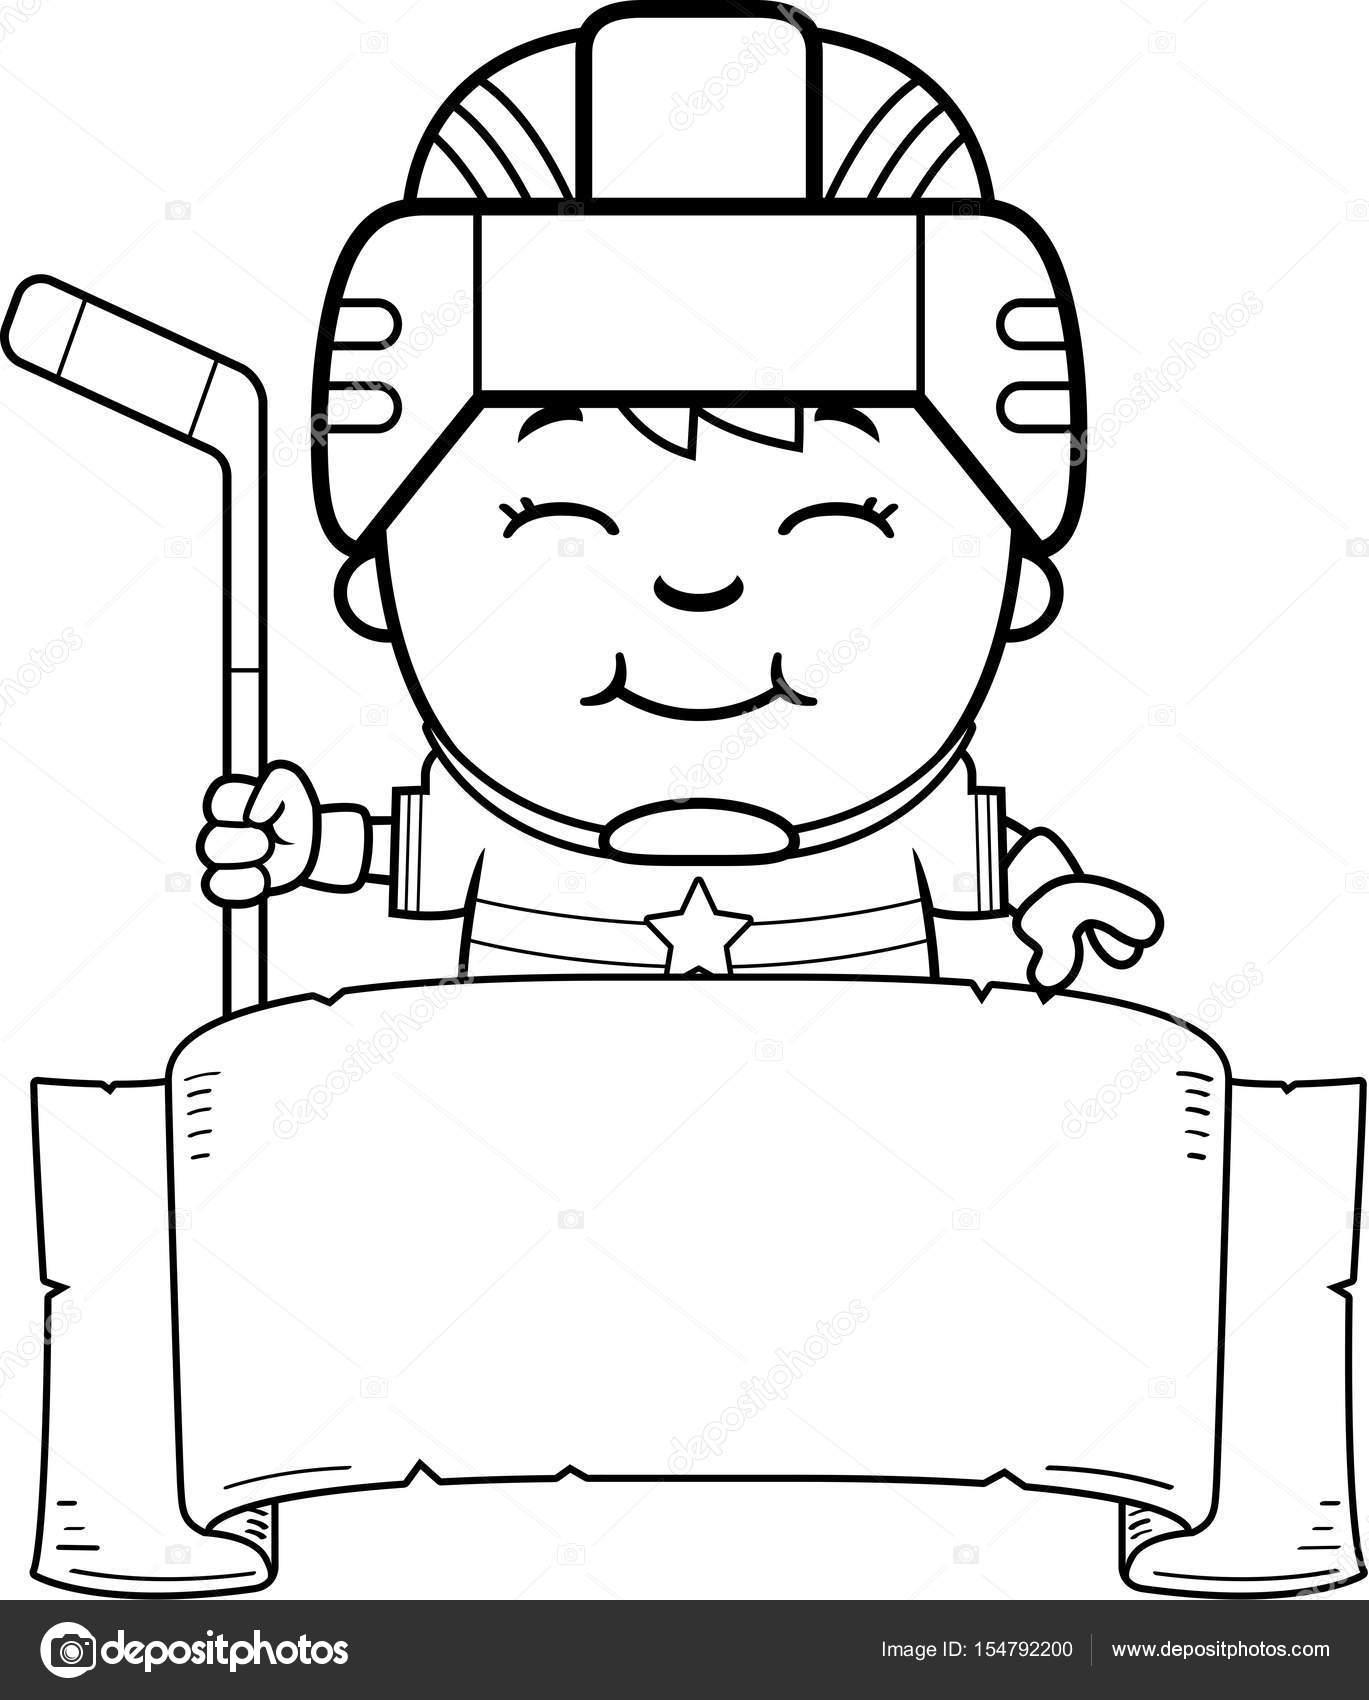 Dibujos animados Hockey jugador bandera — Archivo Imágenes ...